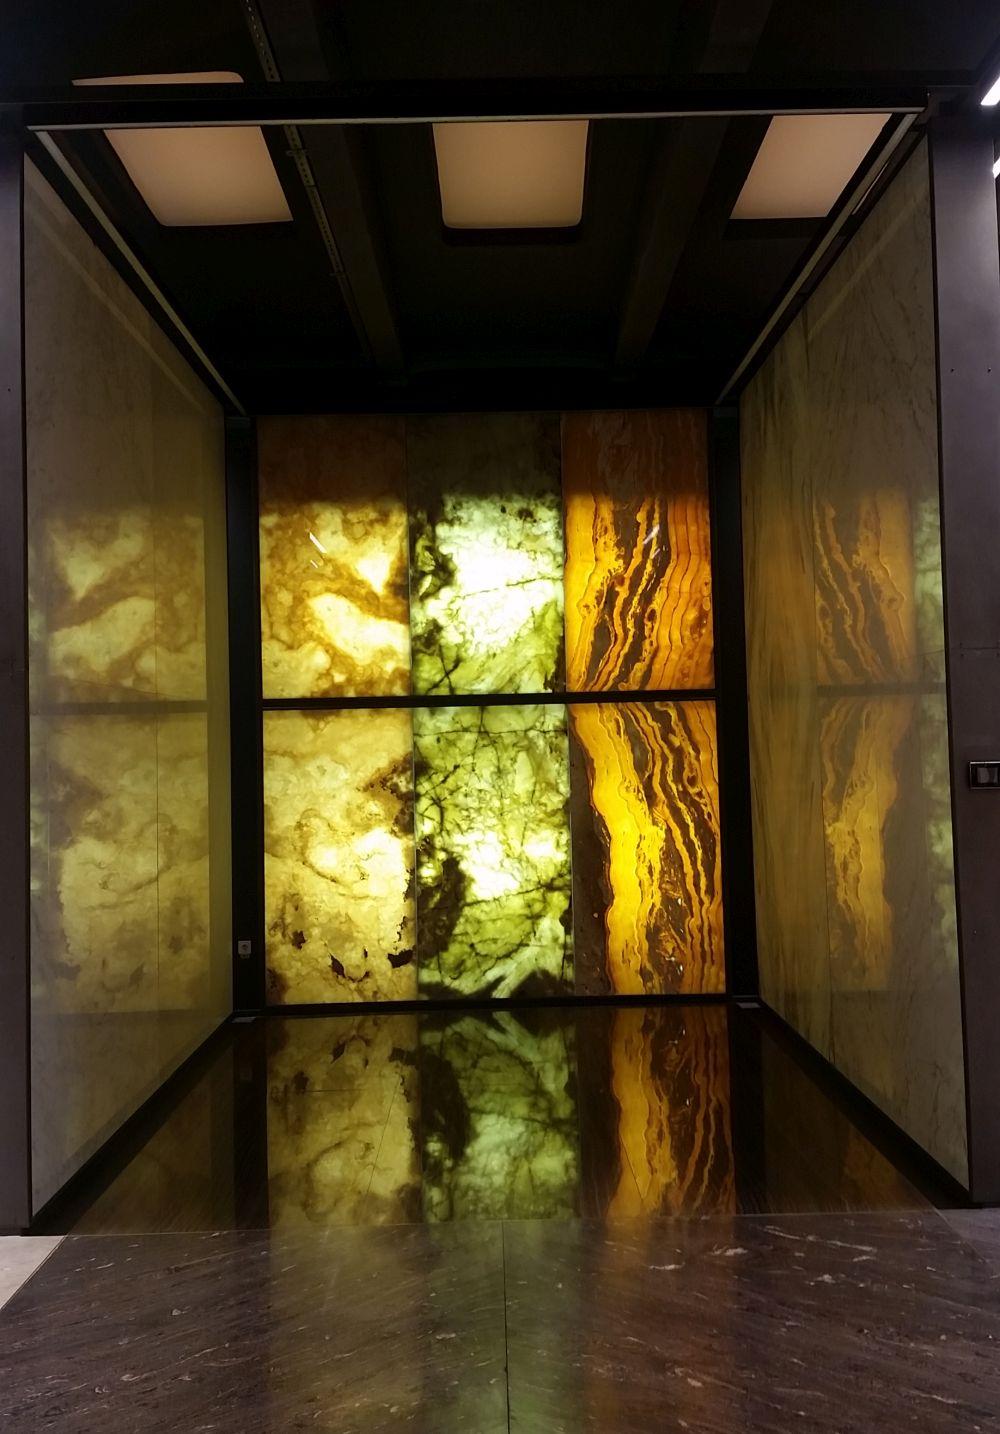 Pietre translucide în showroomul STONA.